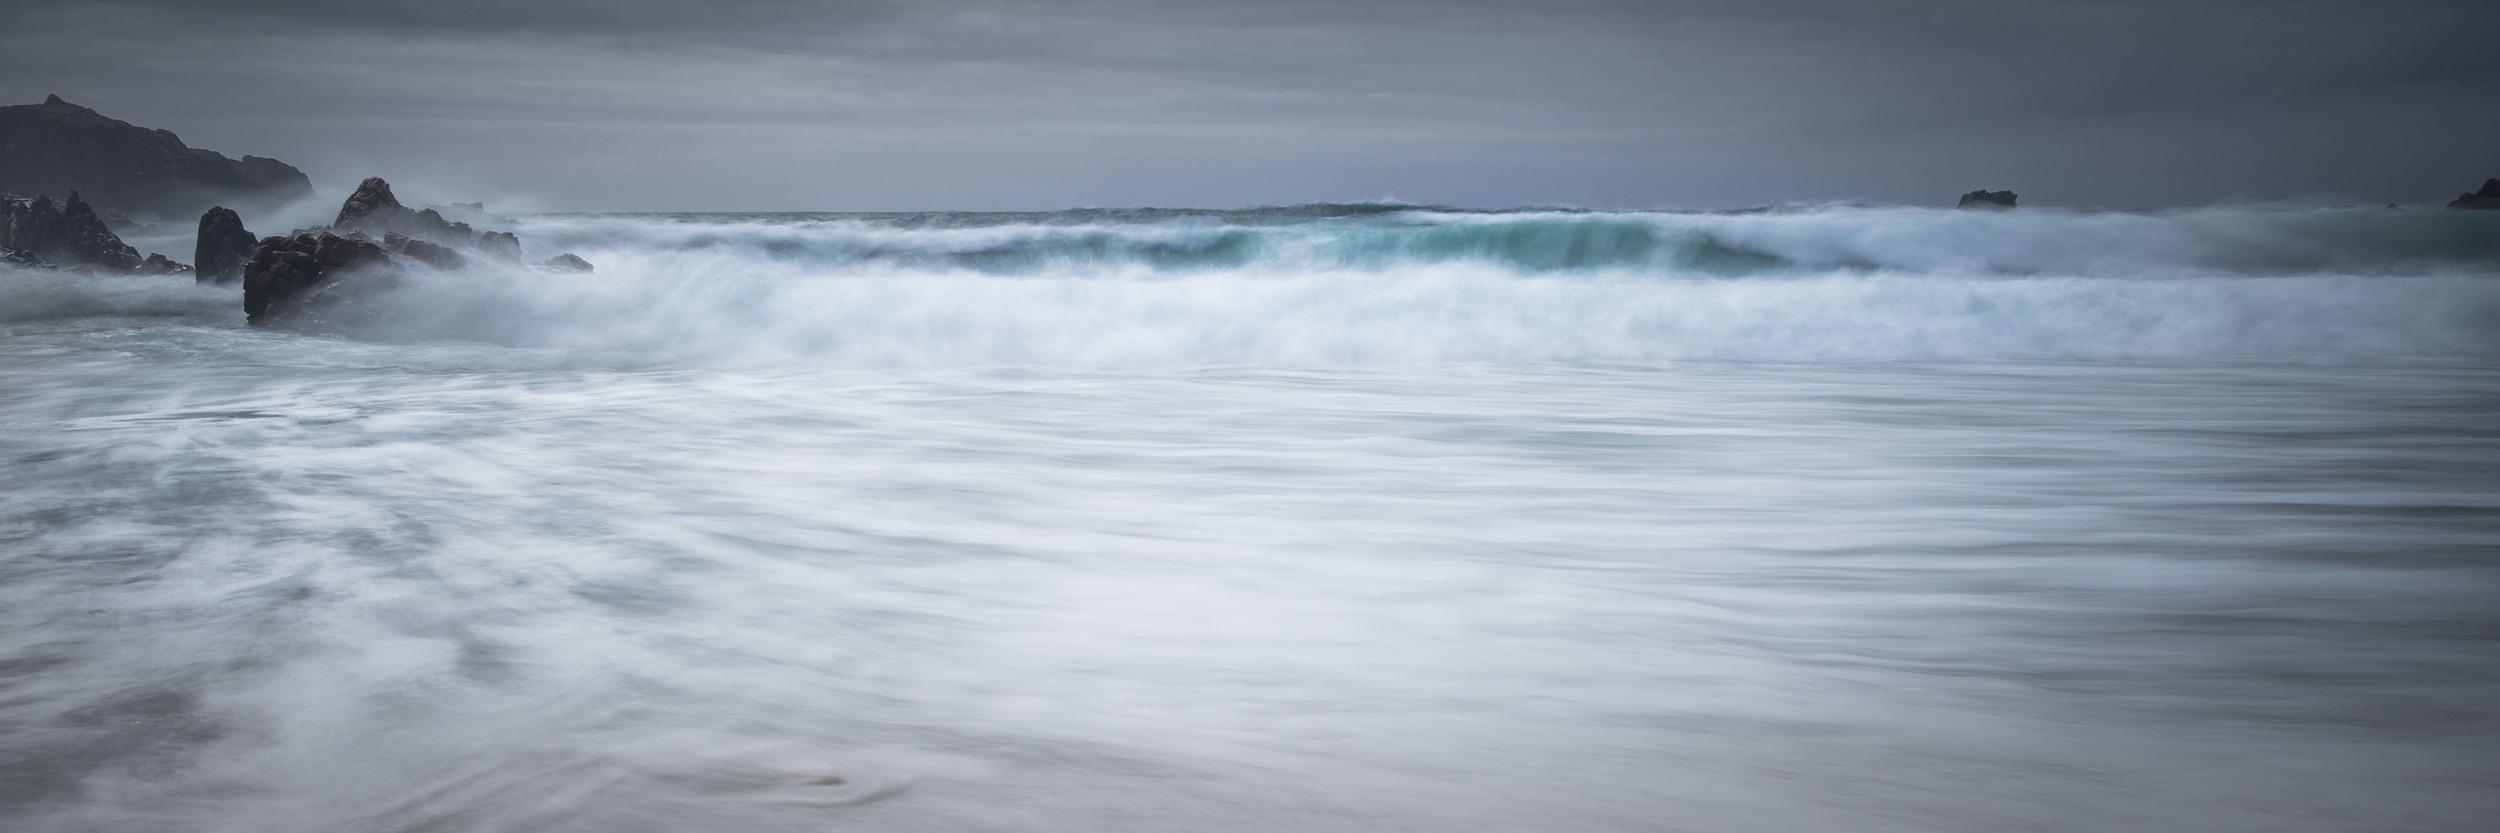 Mangurstadh Storm